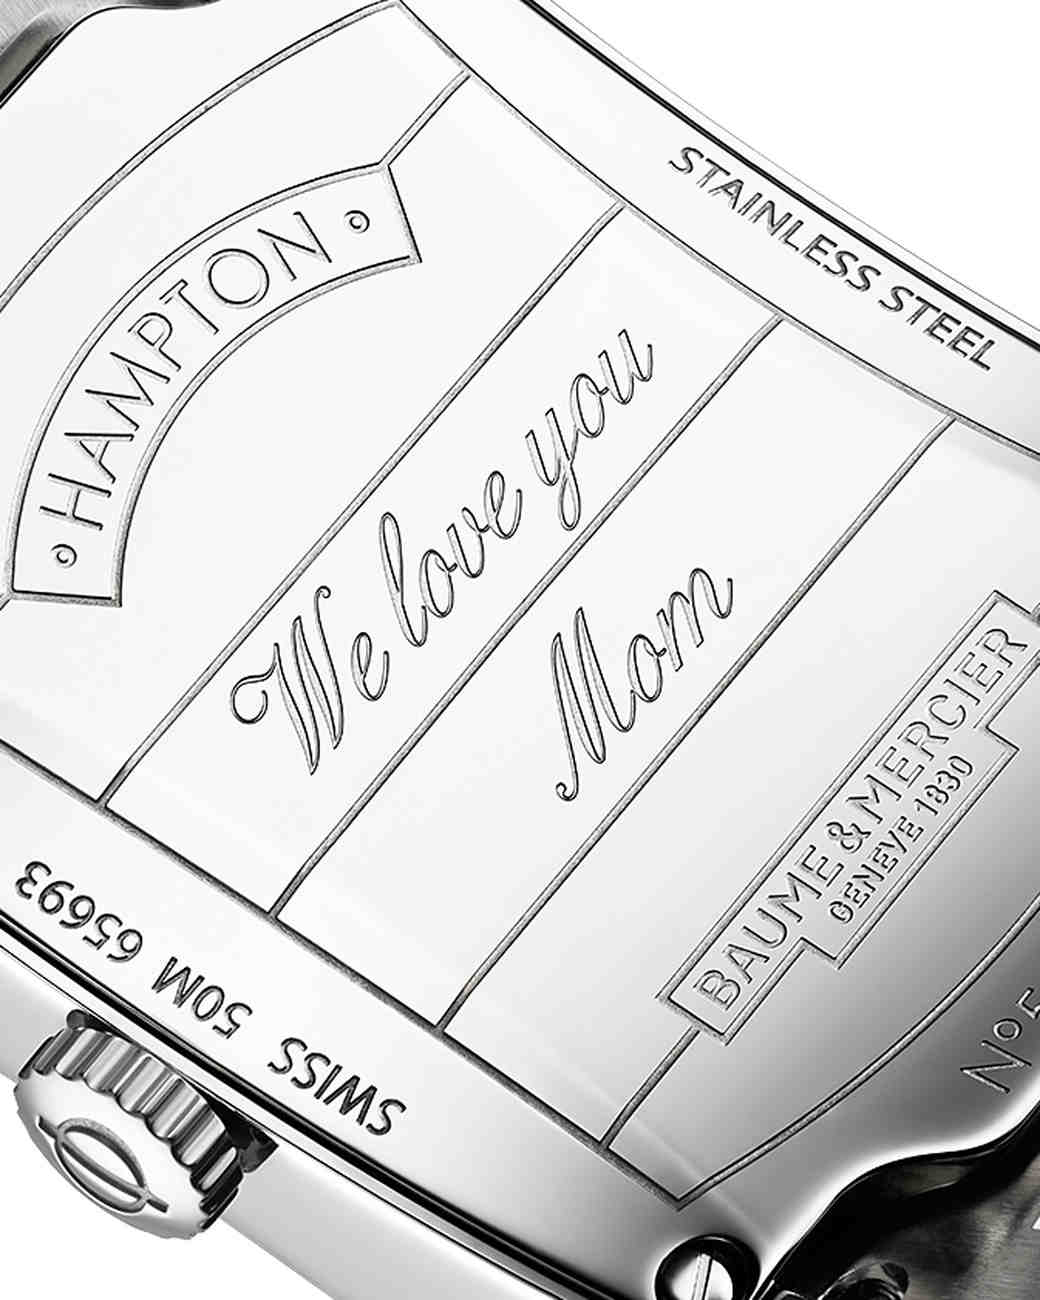 baume-mercier-watch-engraved-3-0514.jpg